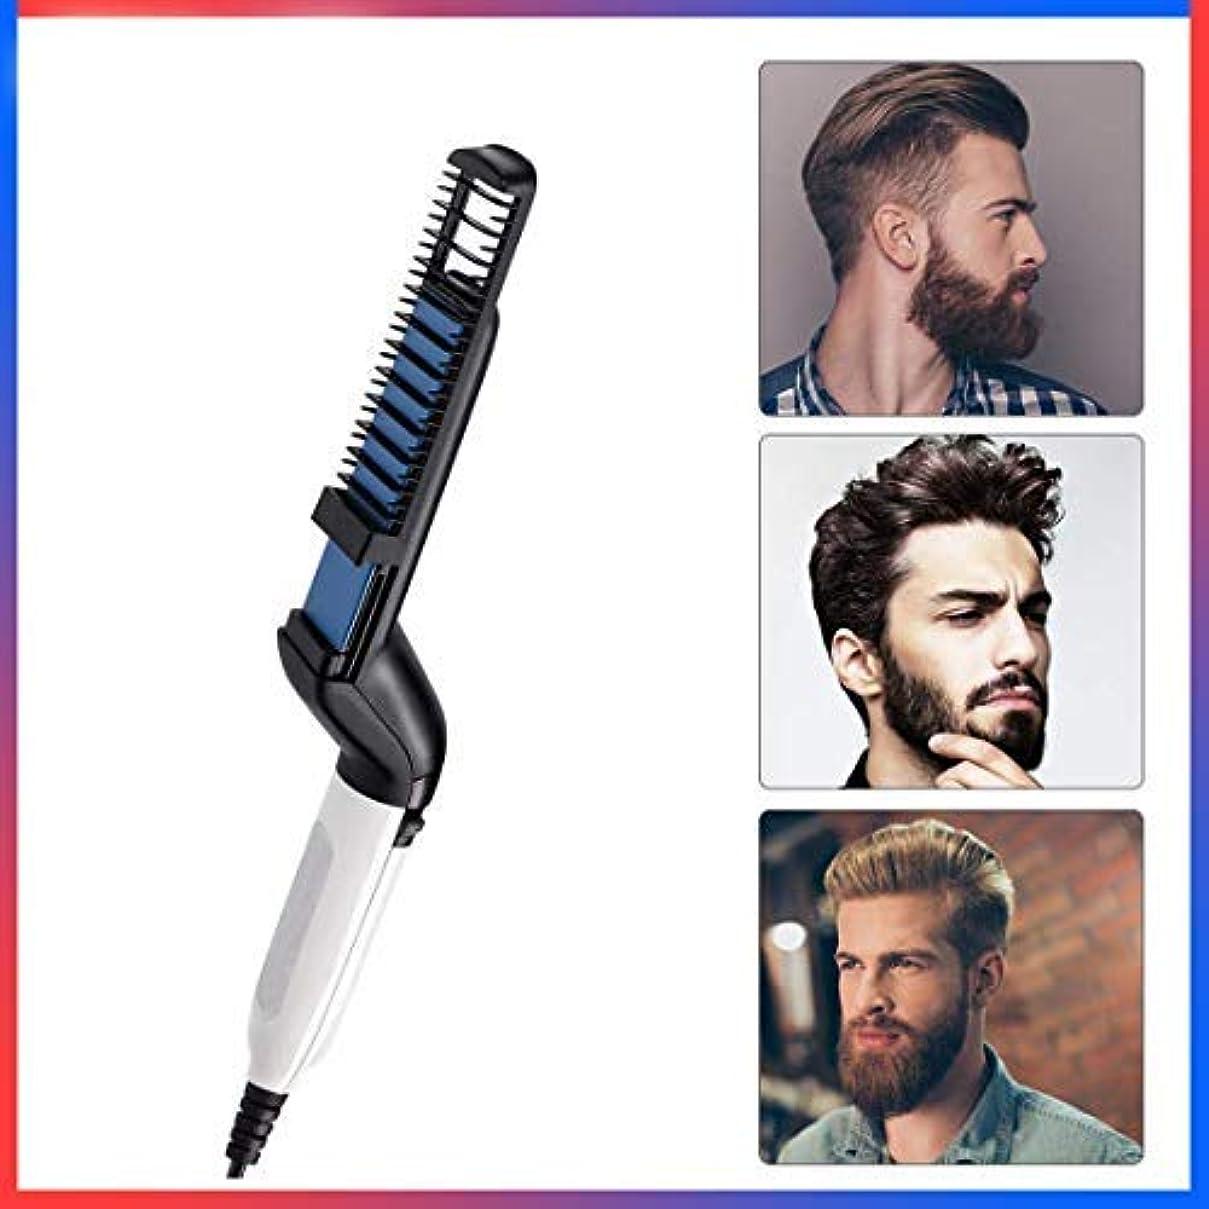 ロボット軽量ポーチNevoc Electric Comb for Men, Men's Multi-Purpose Styling Comb Type Fluffy Roll Straight Dual Personal Care Shun...